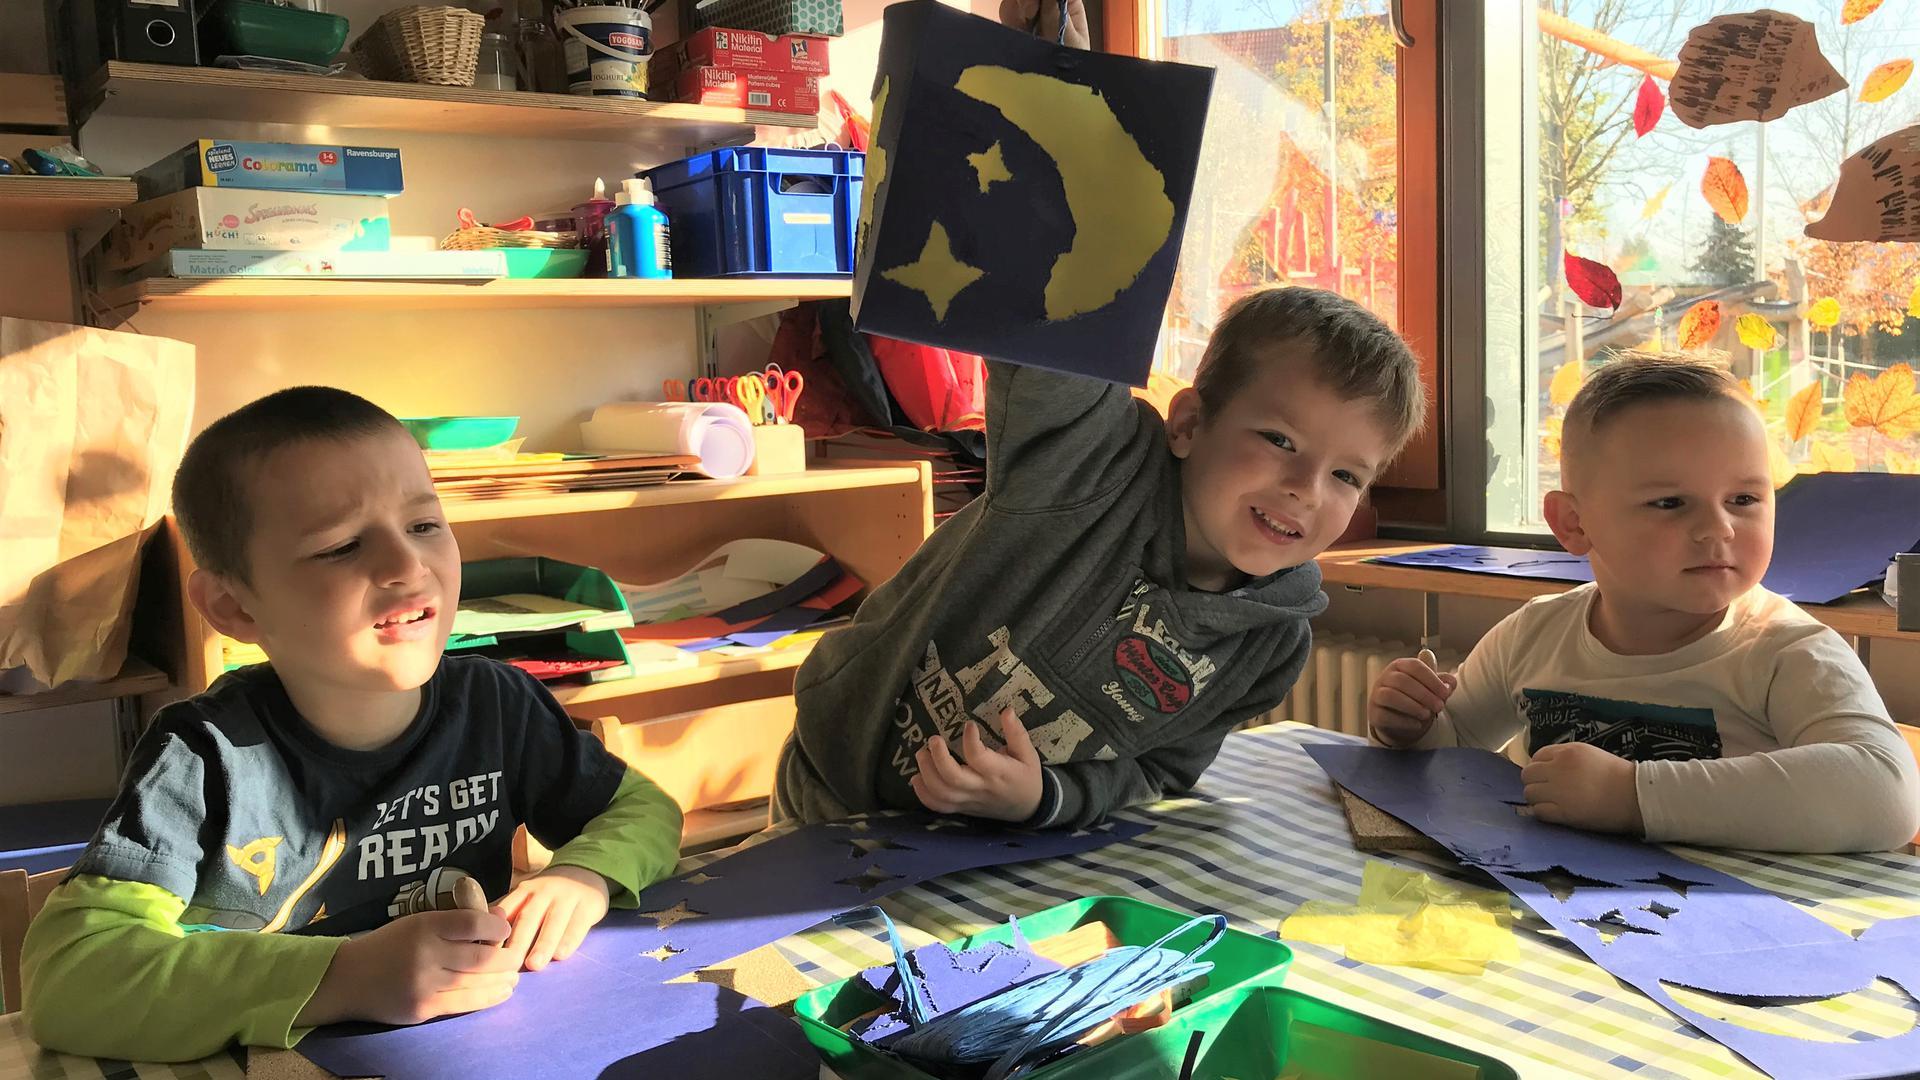 Drei Jungen basteln Laternen an einem Tisch im Kindergarten.